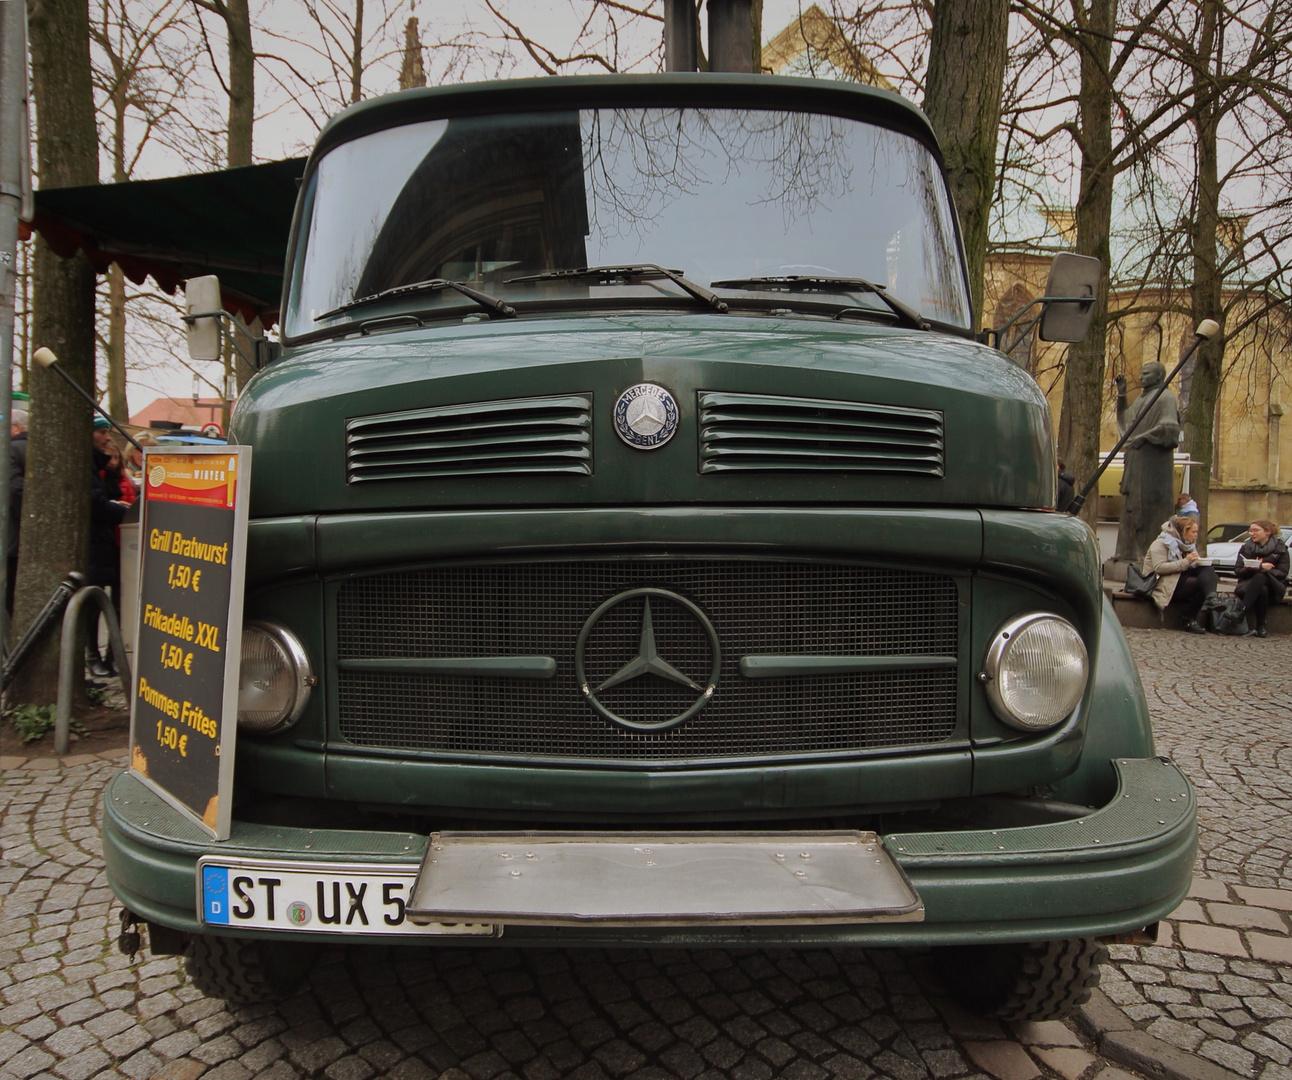 Imbiss-Truck am Münstermarkt